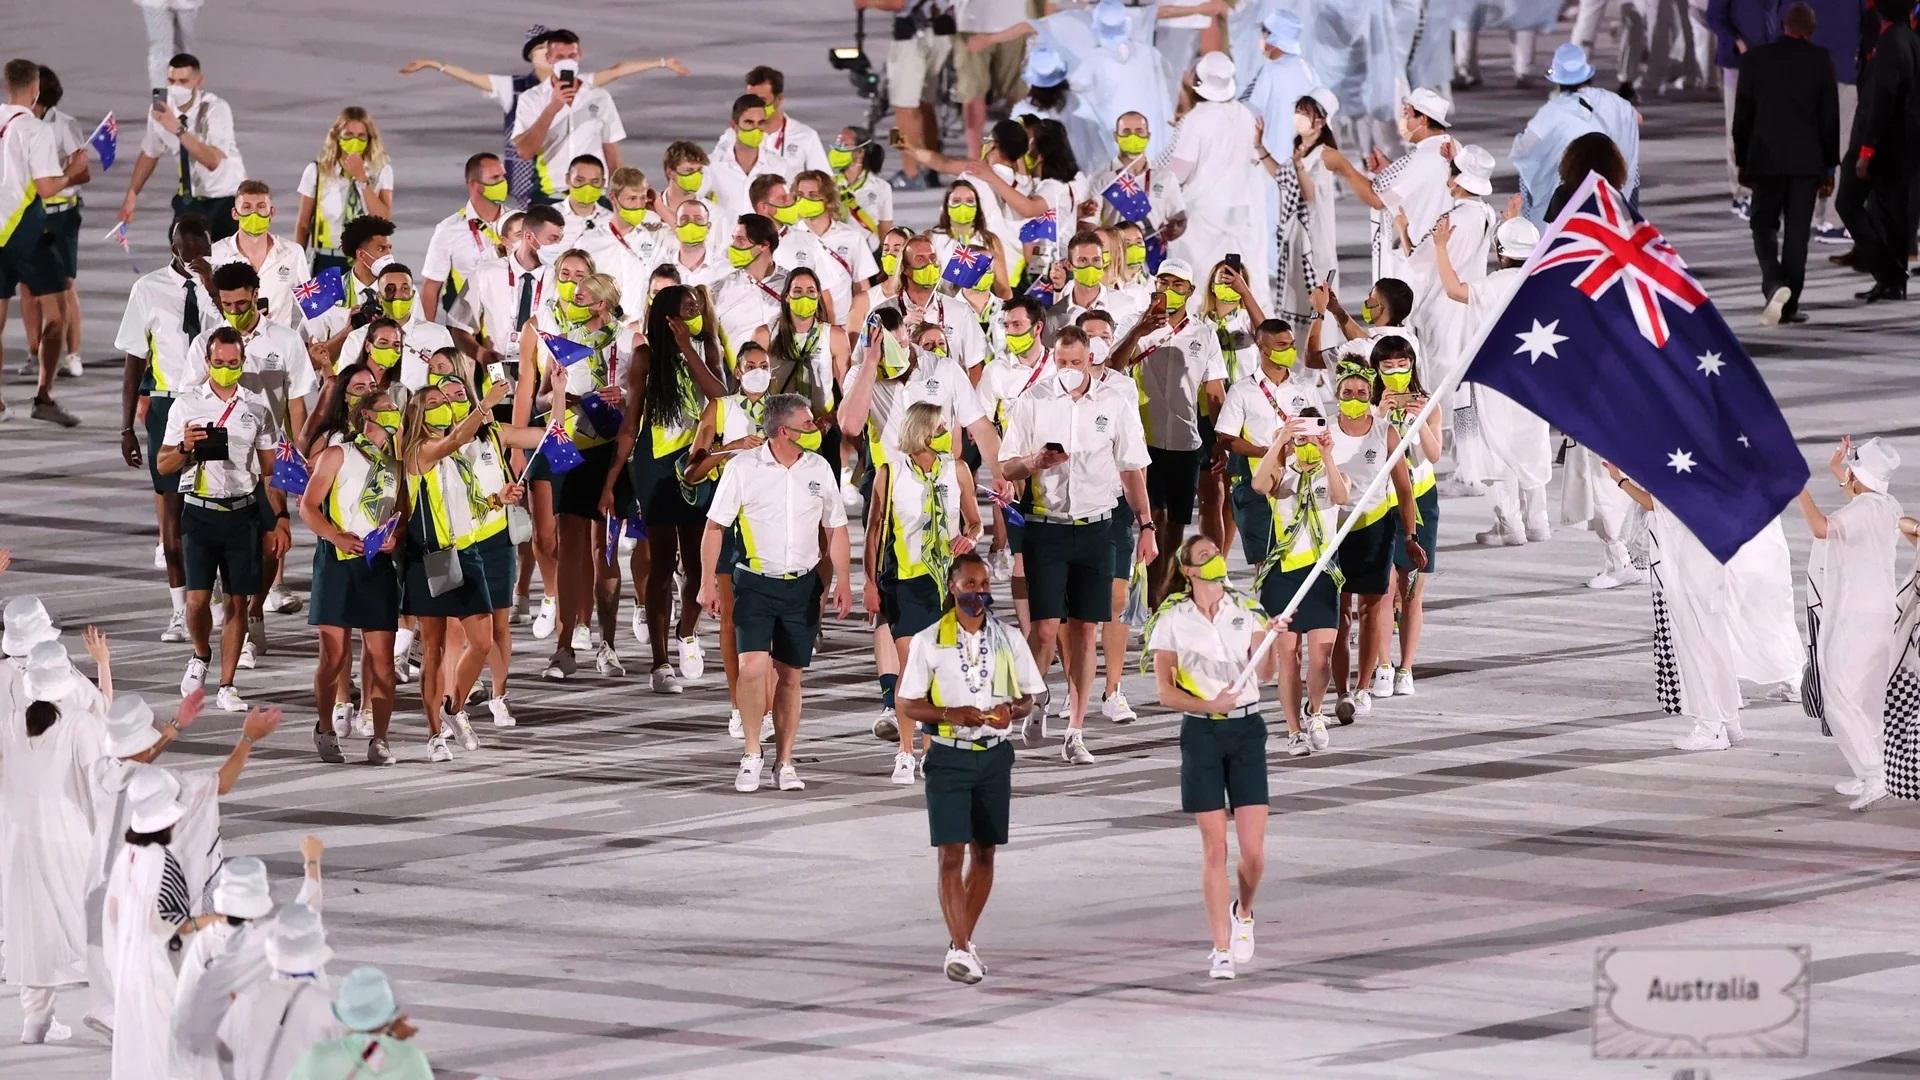 australsti-sportovci